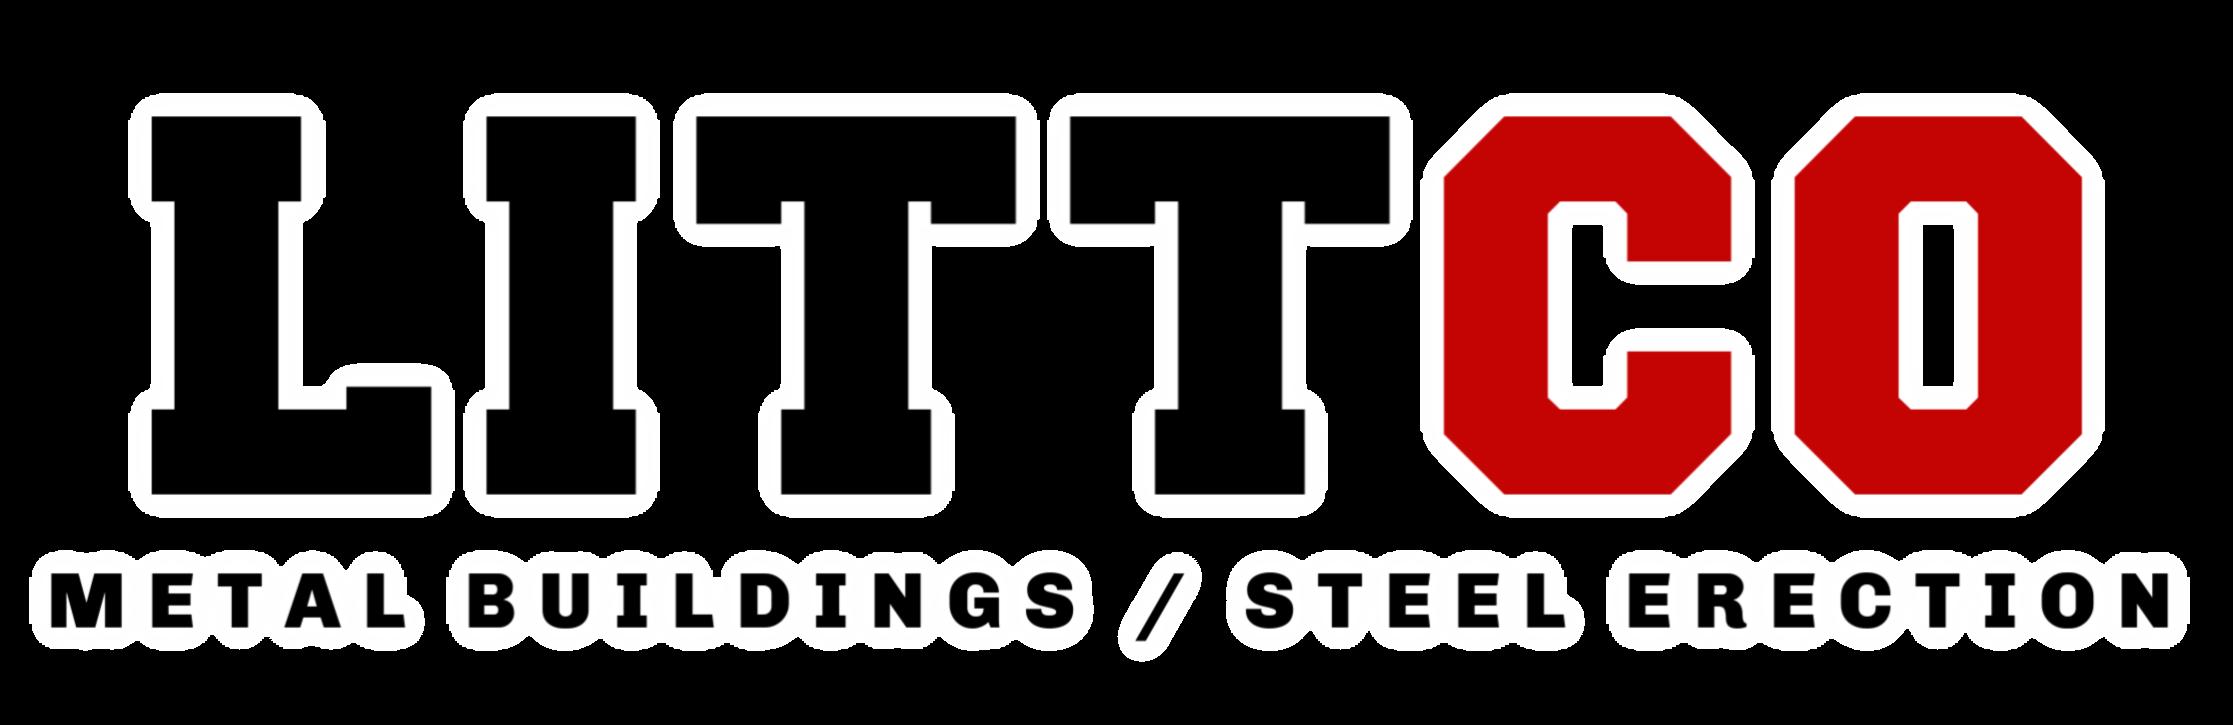 LITTCO, LLC